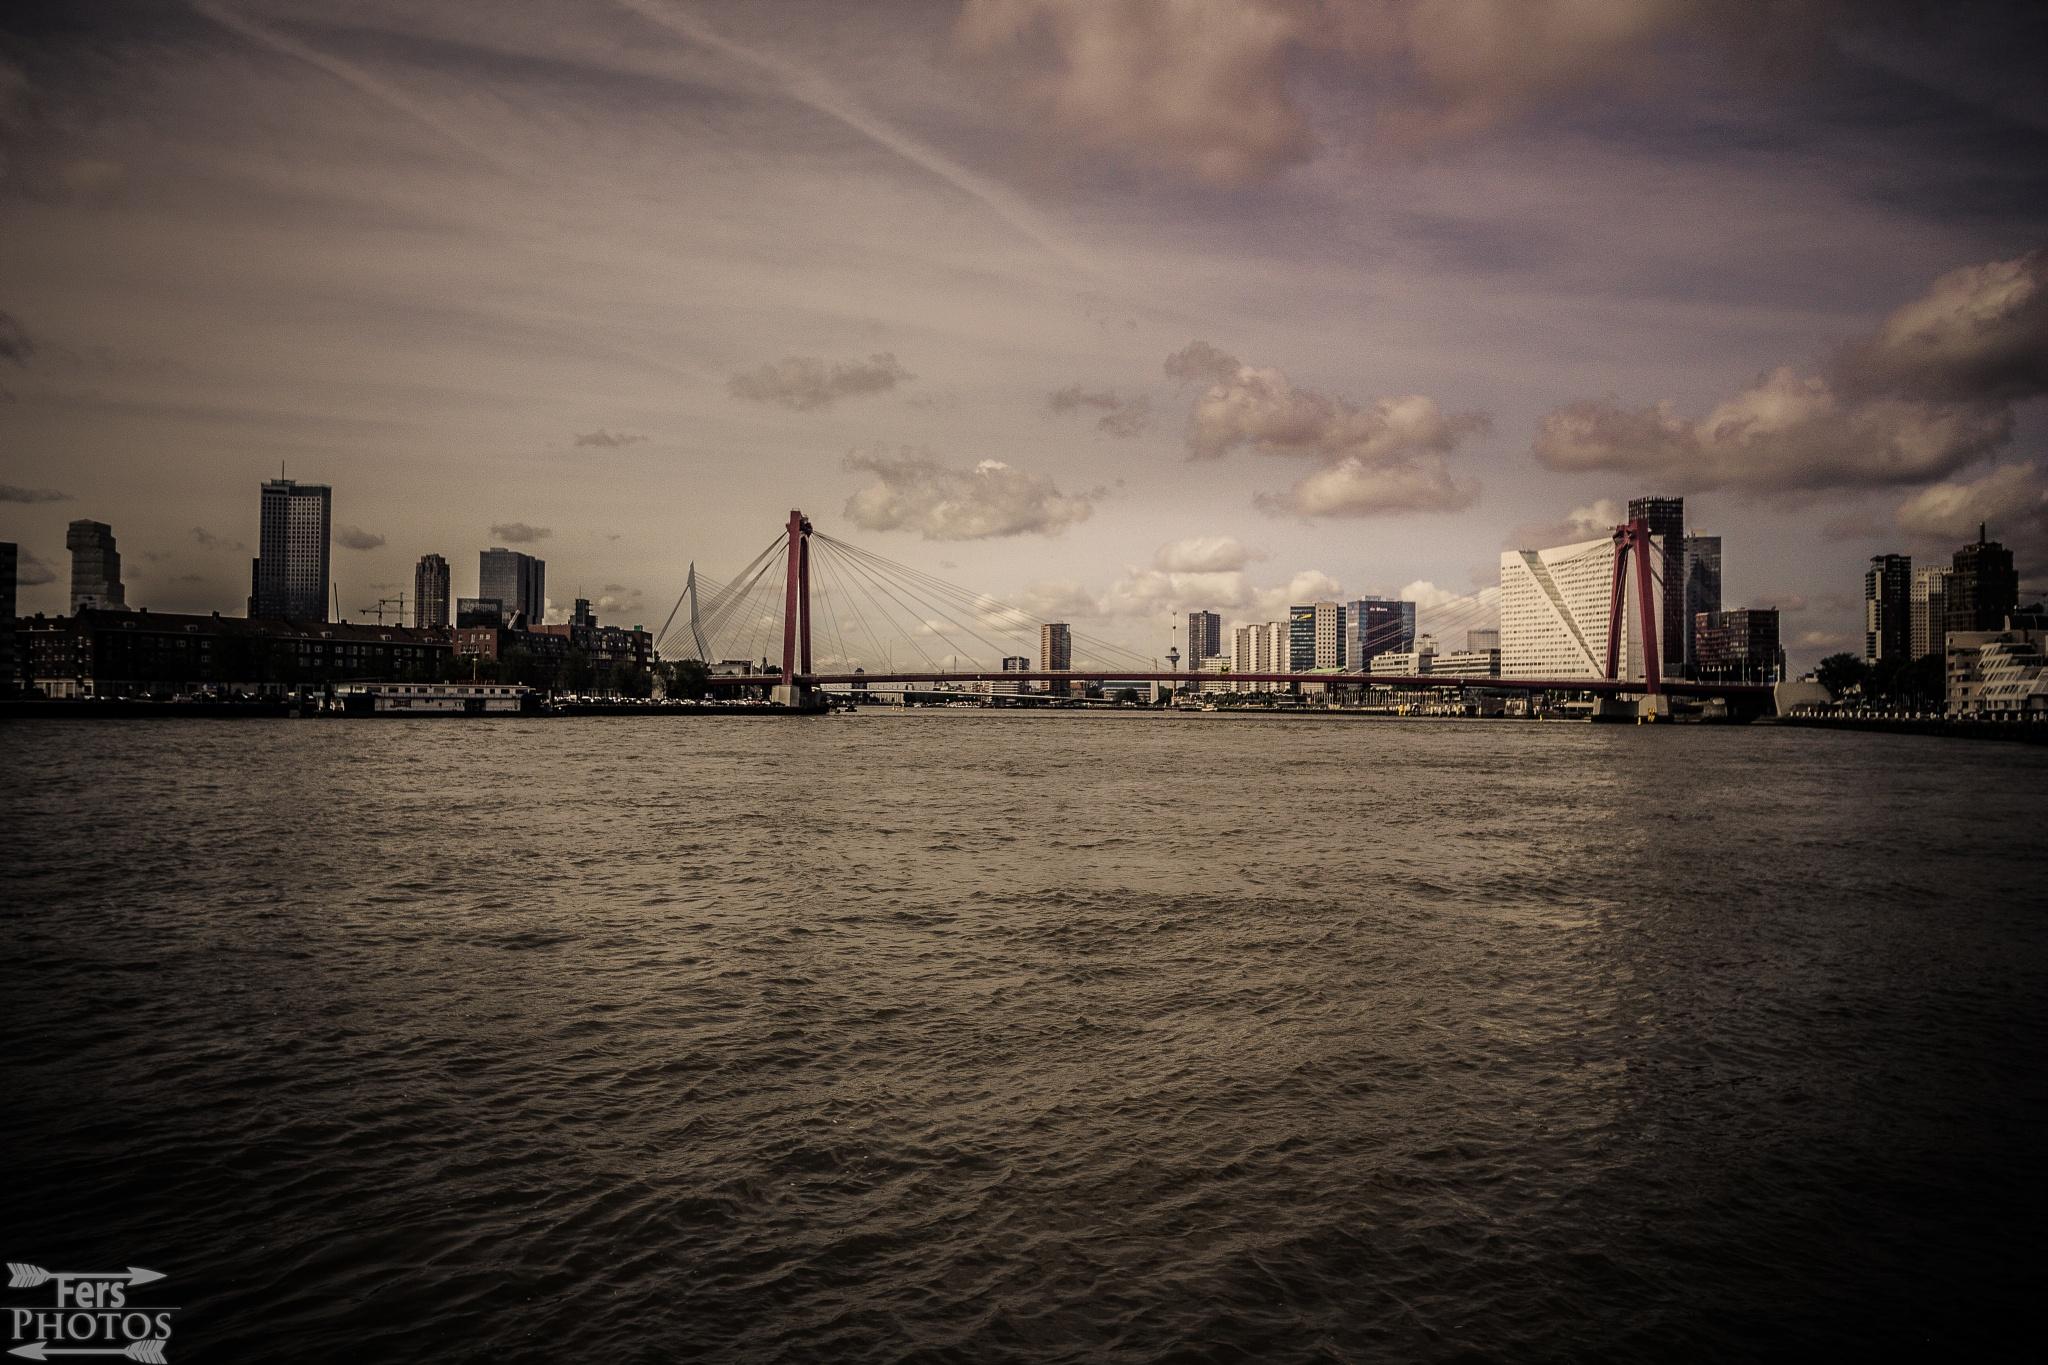 Rotterdam (dramaticz edit)  by Fer Herwaarden